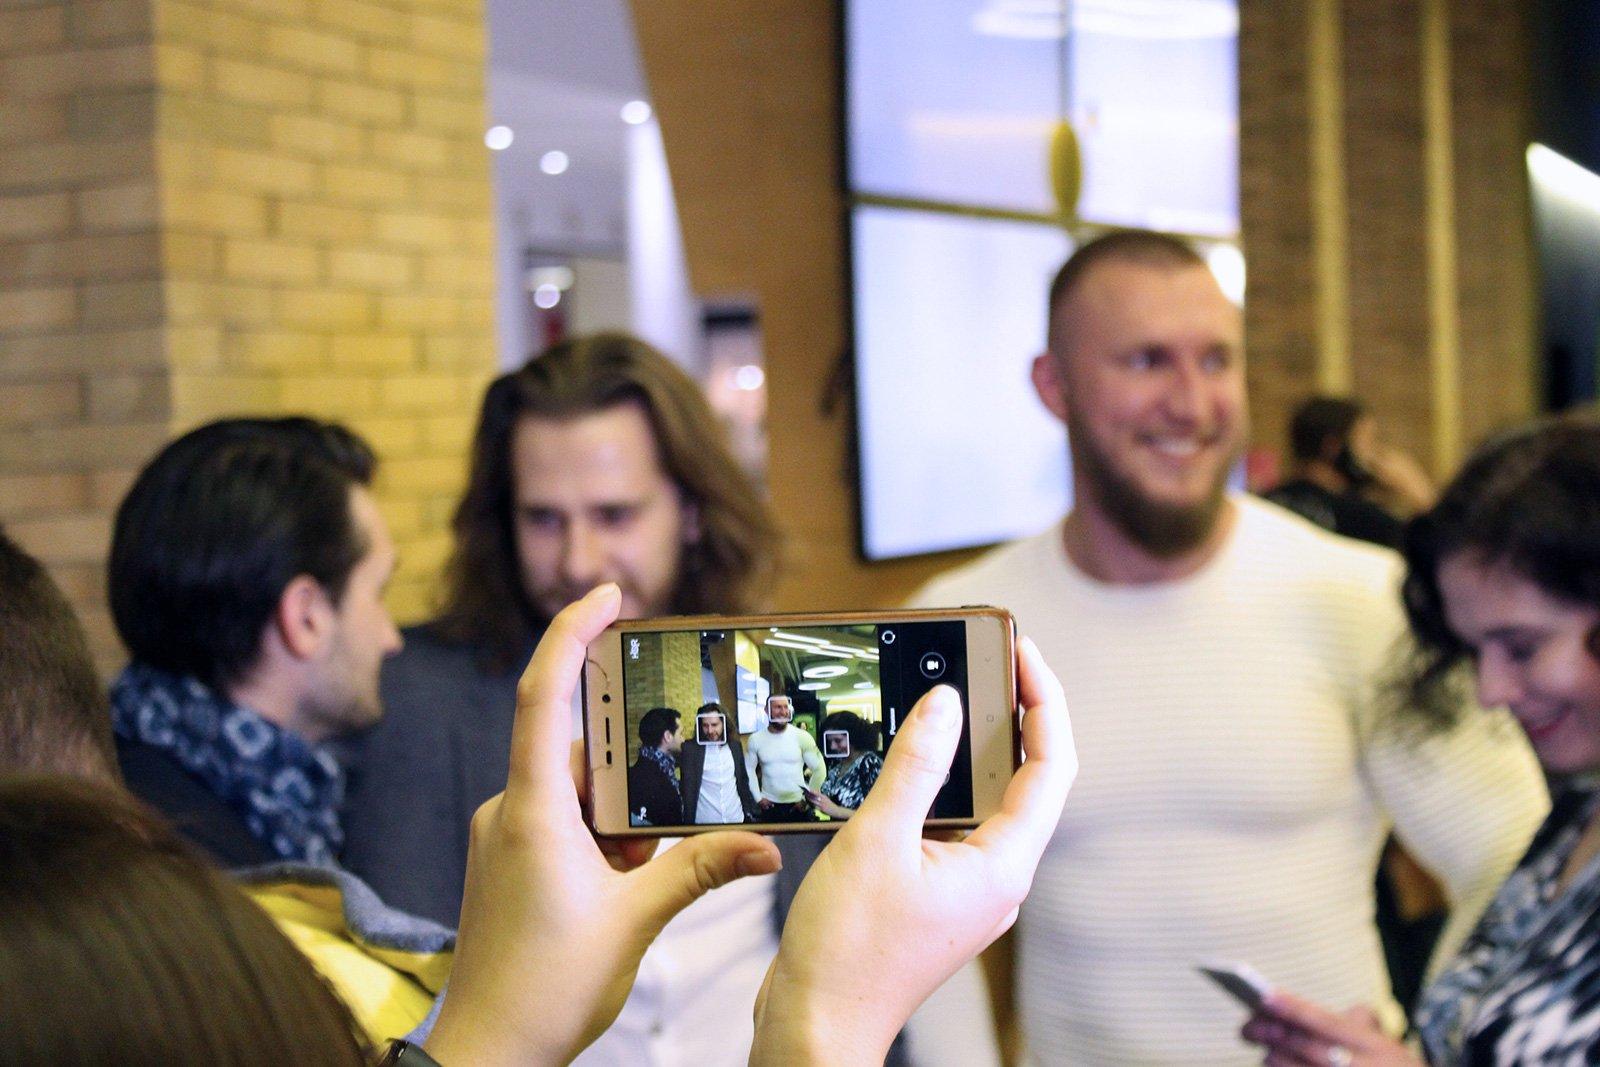 Актори стрічки на прем'єрі фільму у Львові